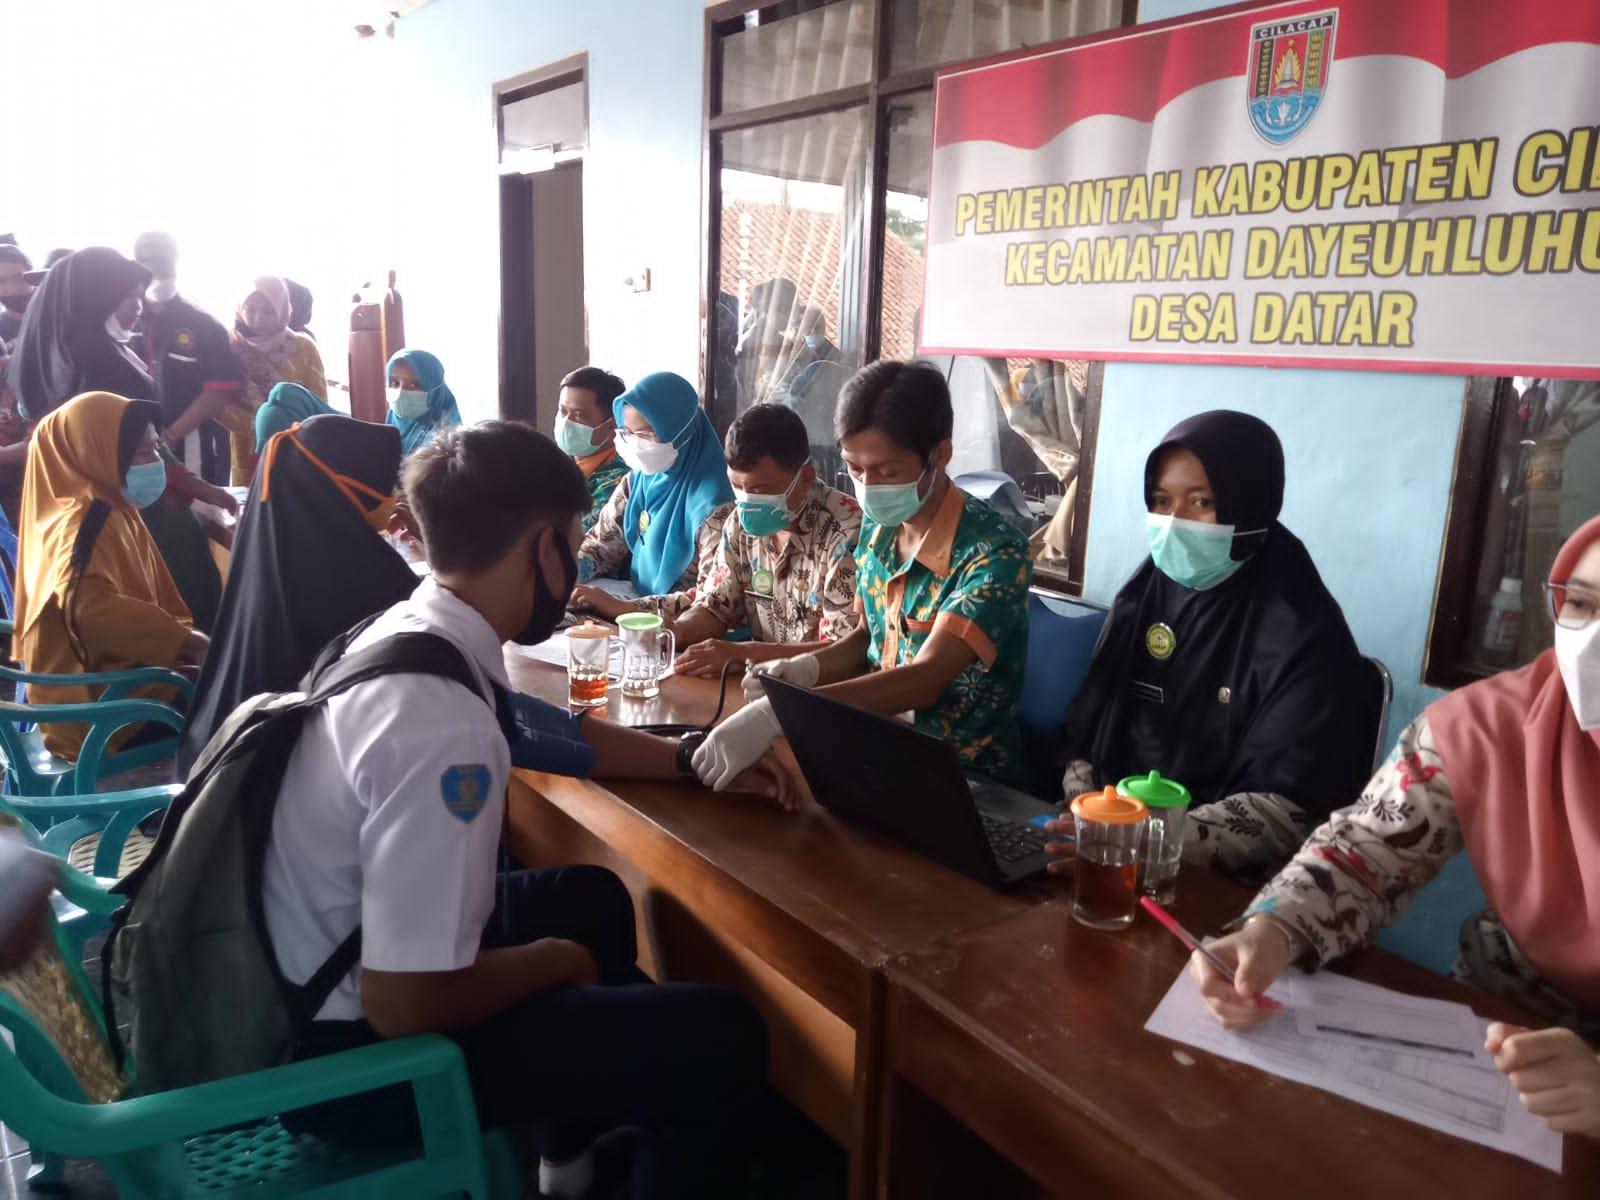 Pelaksanaan Vaksinasi di Kecamatan Dayeuhluhur Terus di Kebut